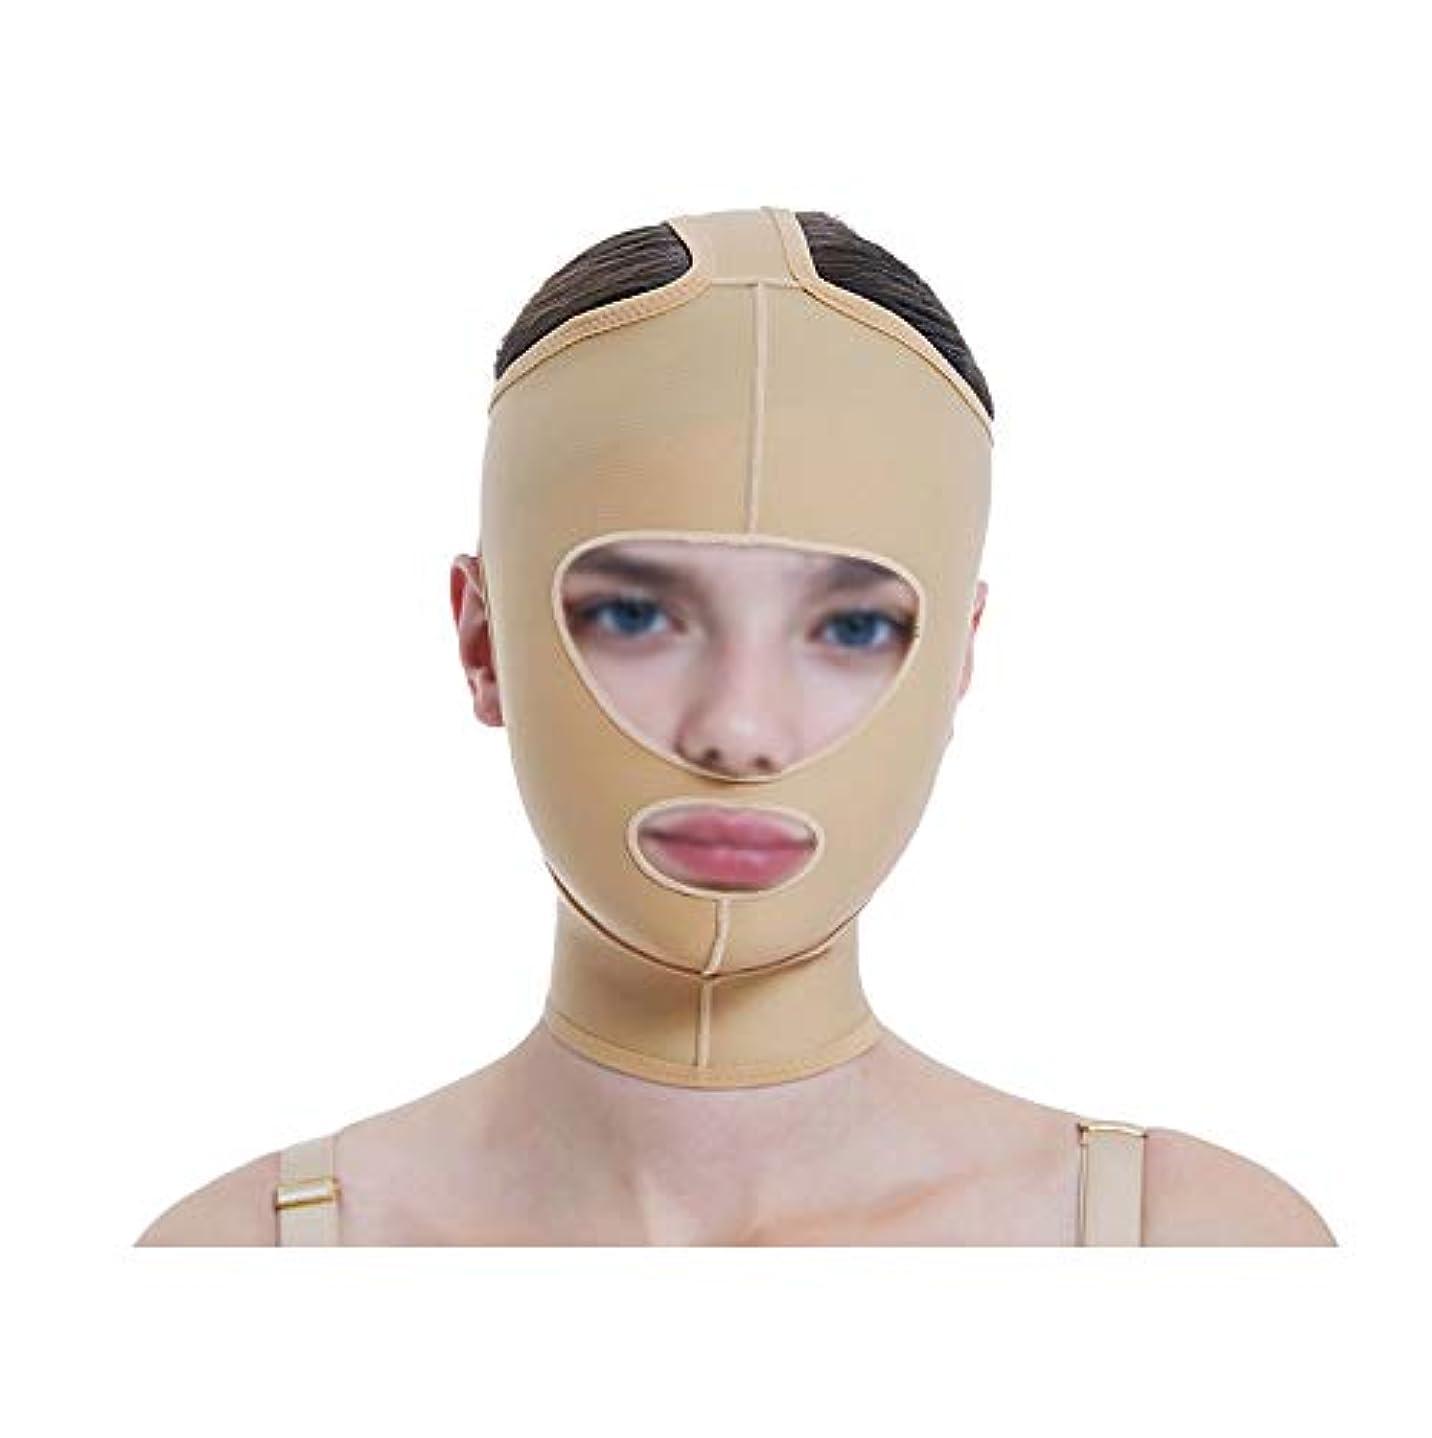 建設遠近法流すGLJJQMY 顔と首のリフト痩身マスクの顔の彫刻の顔の弾性スーツ薄い二重あごのアーティファクトV顔のビーム表面 顔用整形マスク (Size : XS)